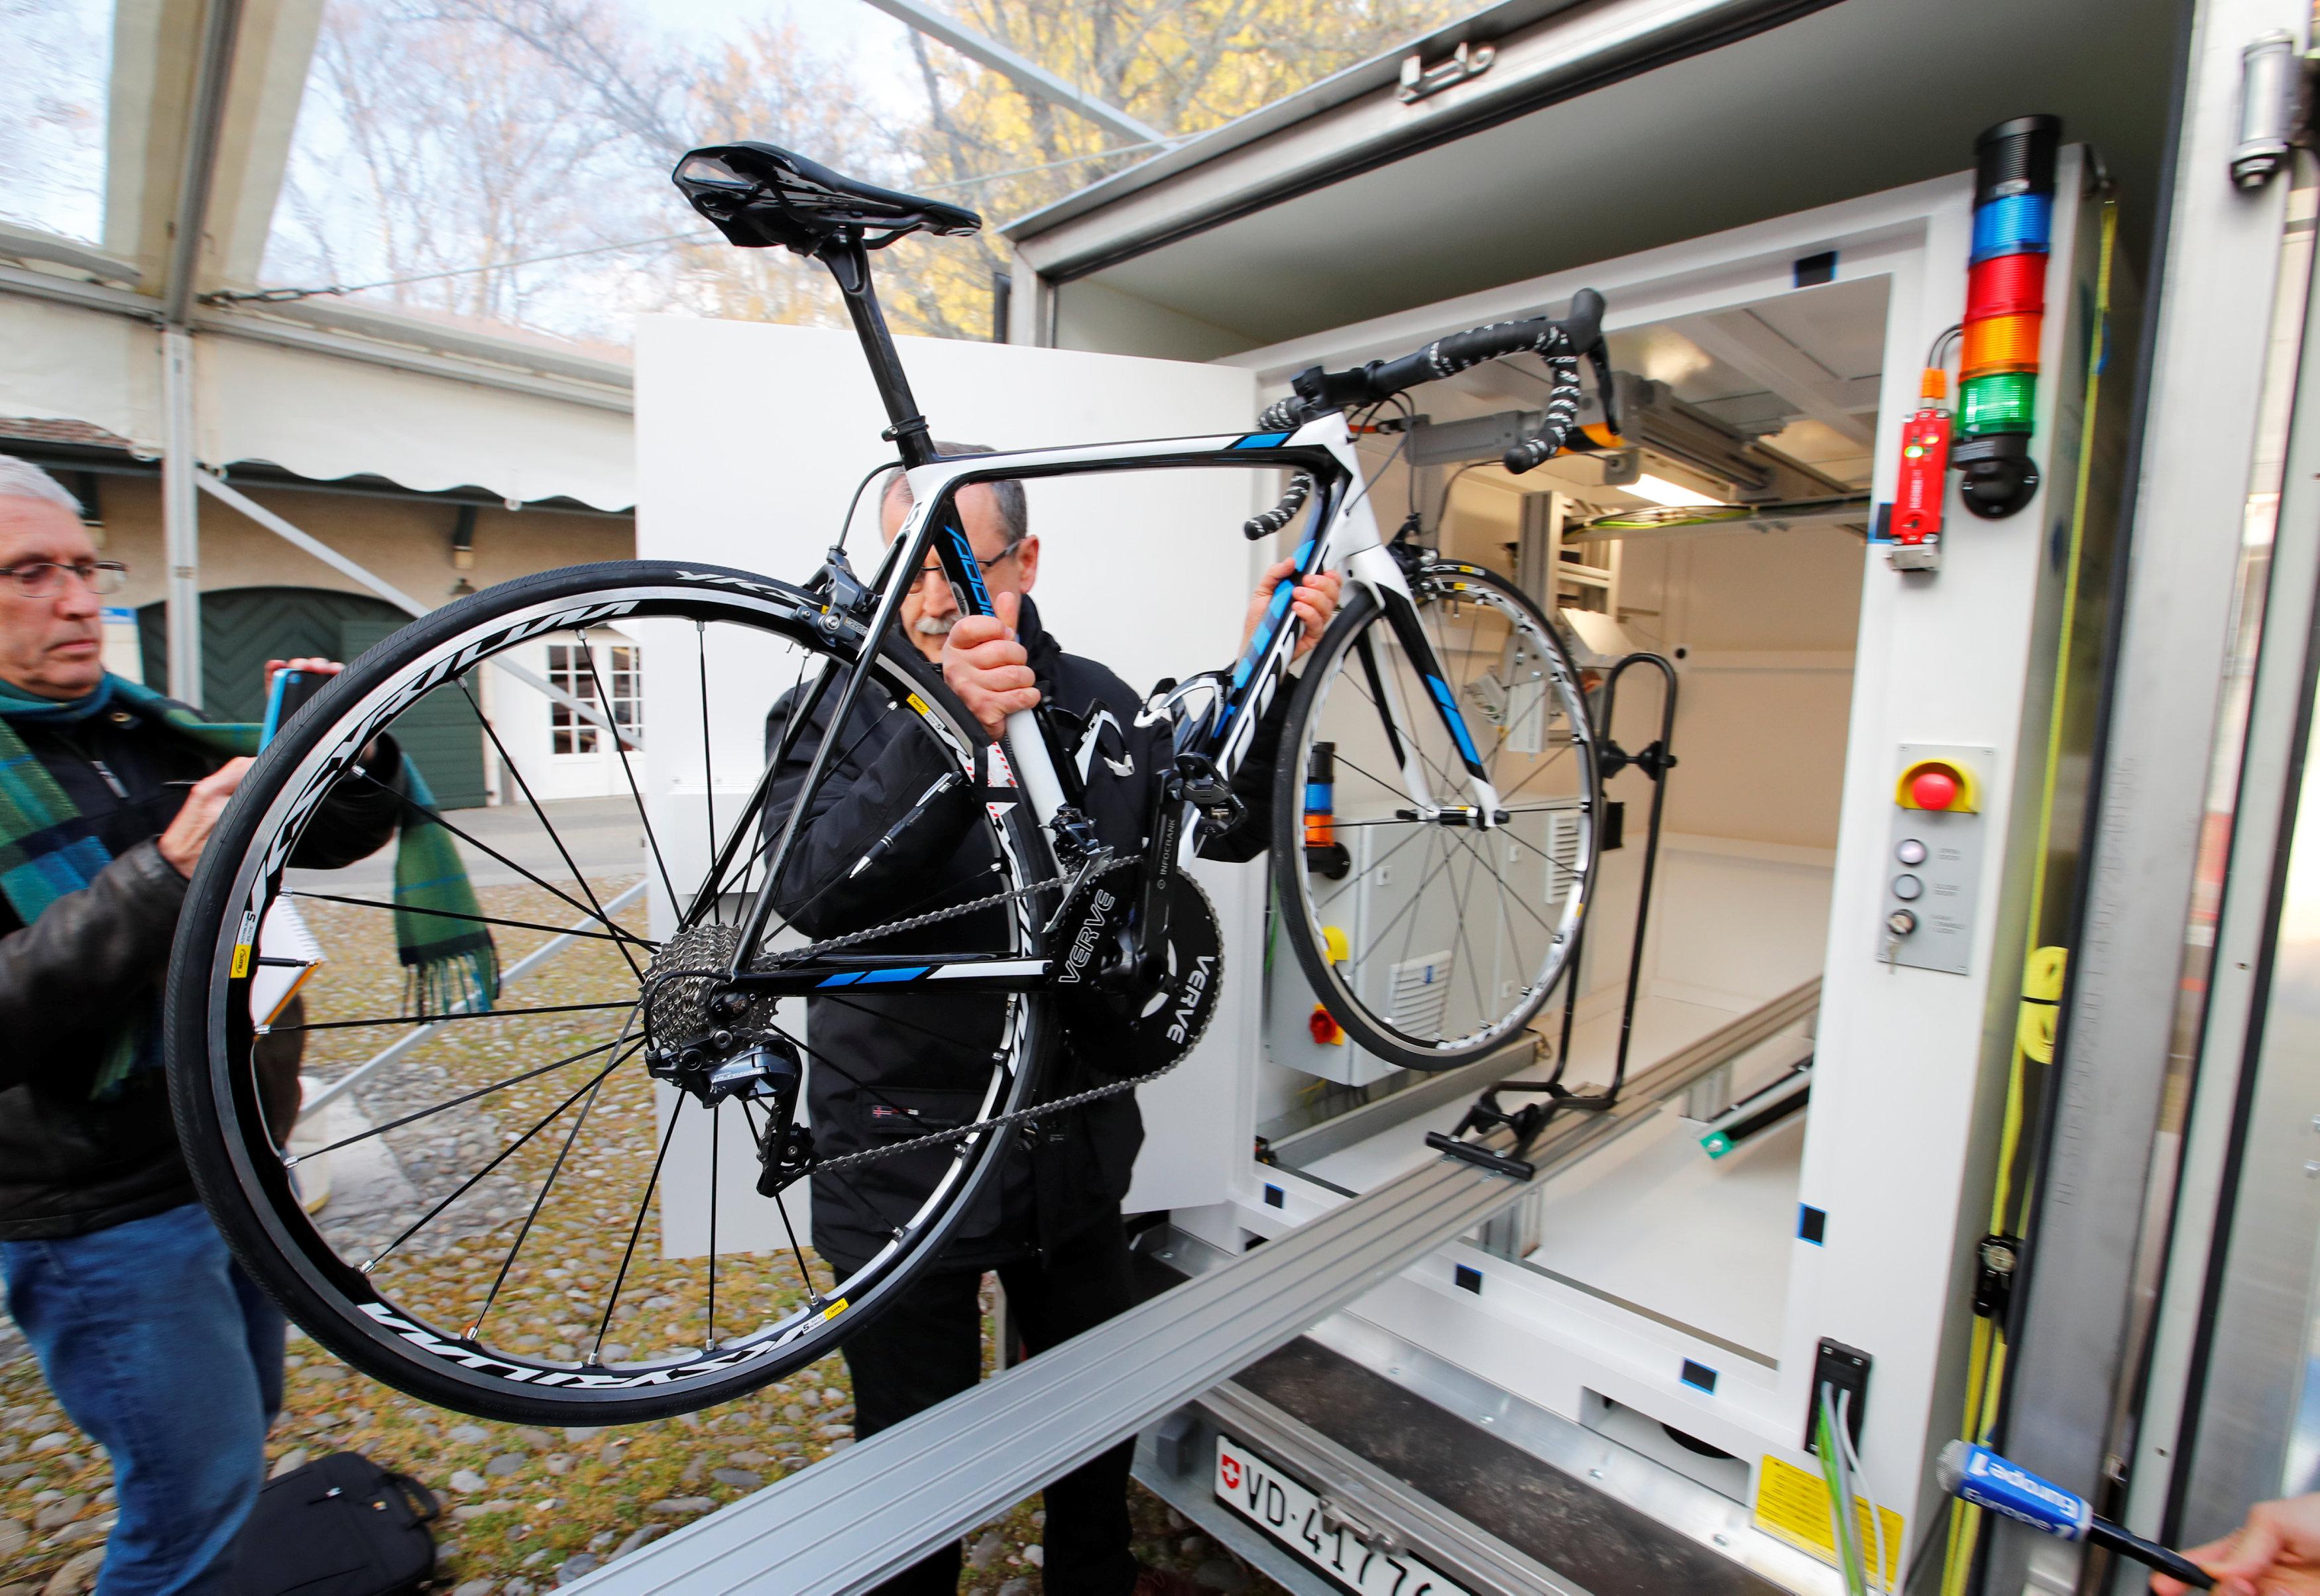 Cyclisme - Des contrôles des vélos par rayons-X pour lever la suspicion